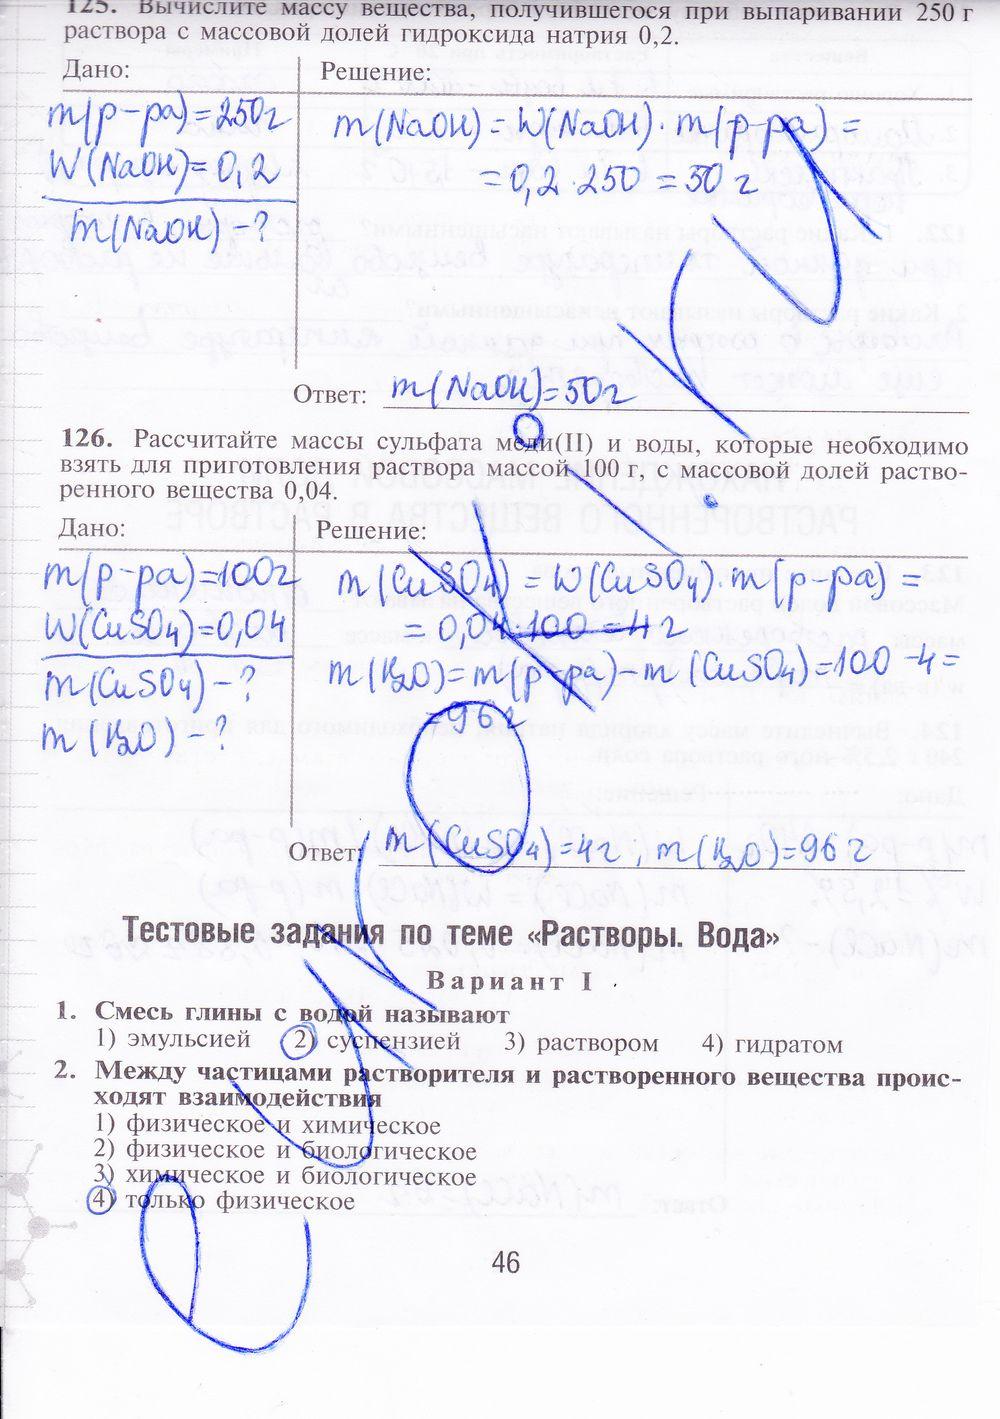 Контрольная работа по химии номер углеводороды класс  Контрольная работа по химии номер 1 углеводороды 10 класс